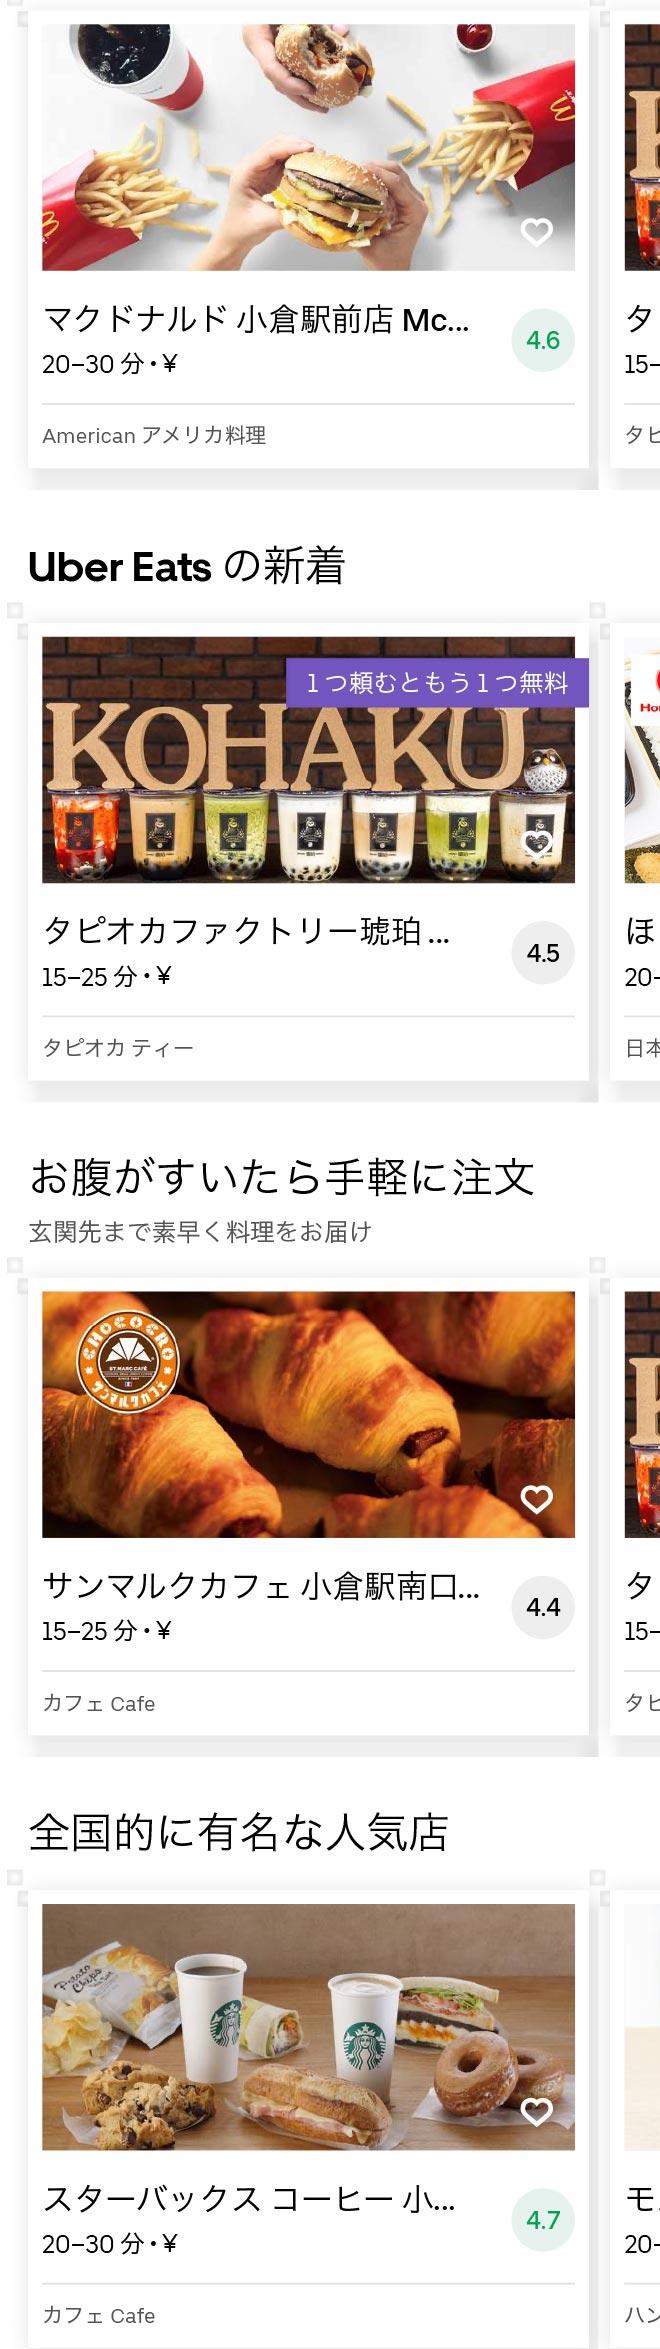 Kokura menu 2008 01